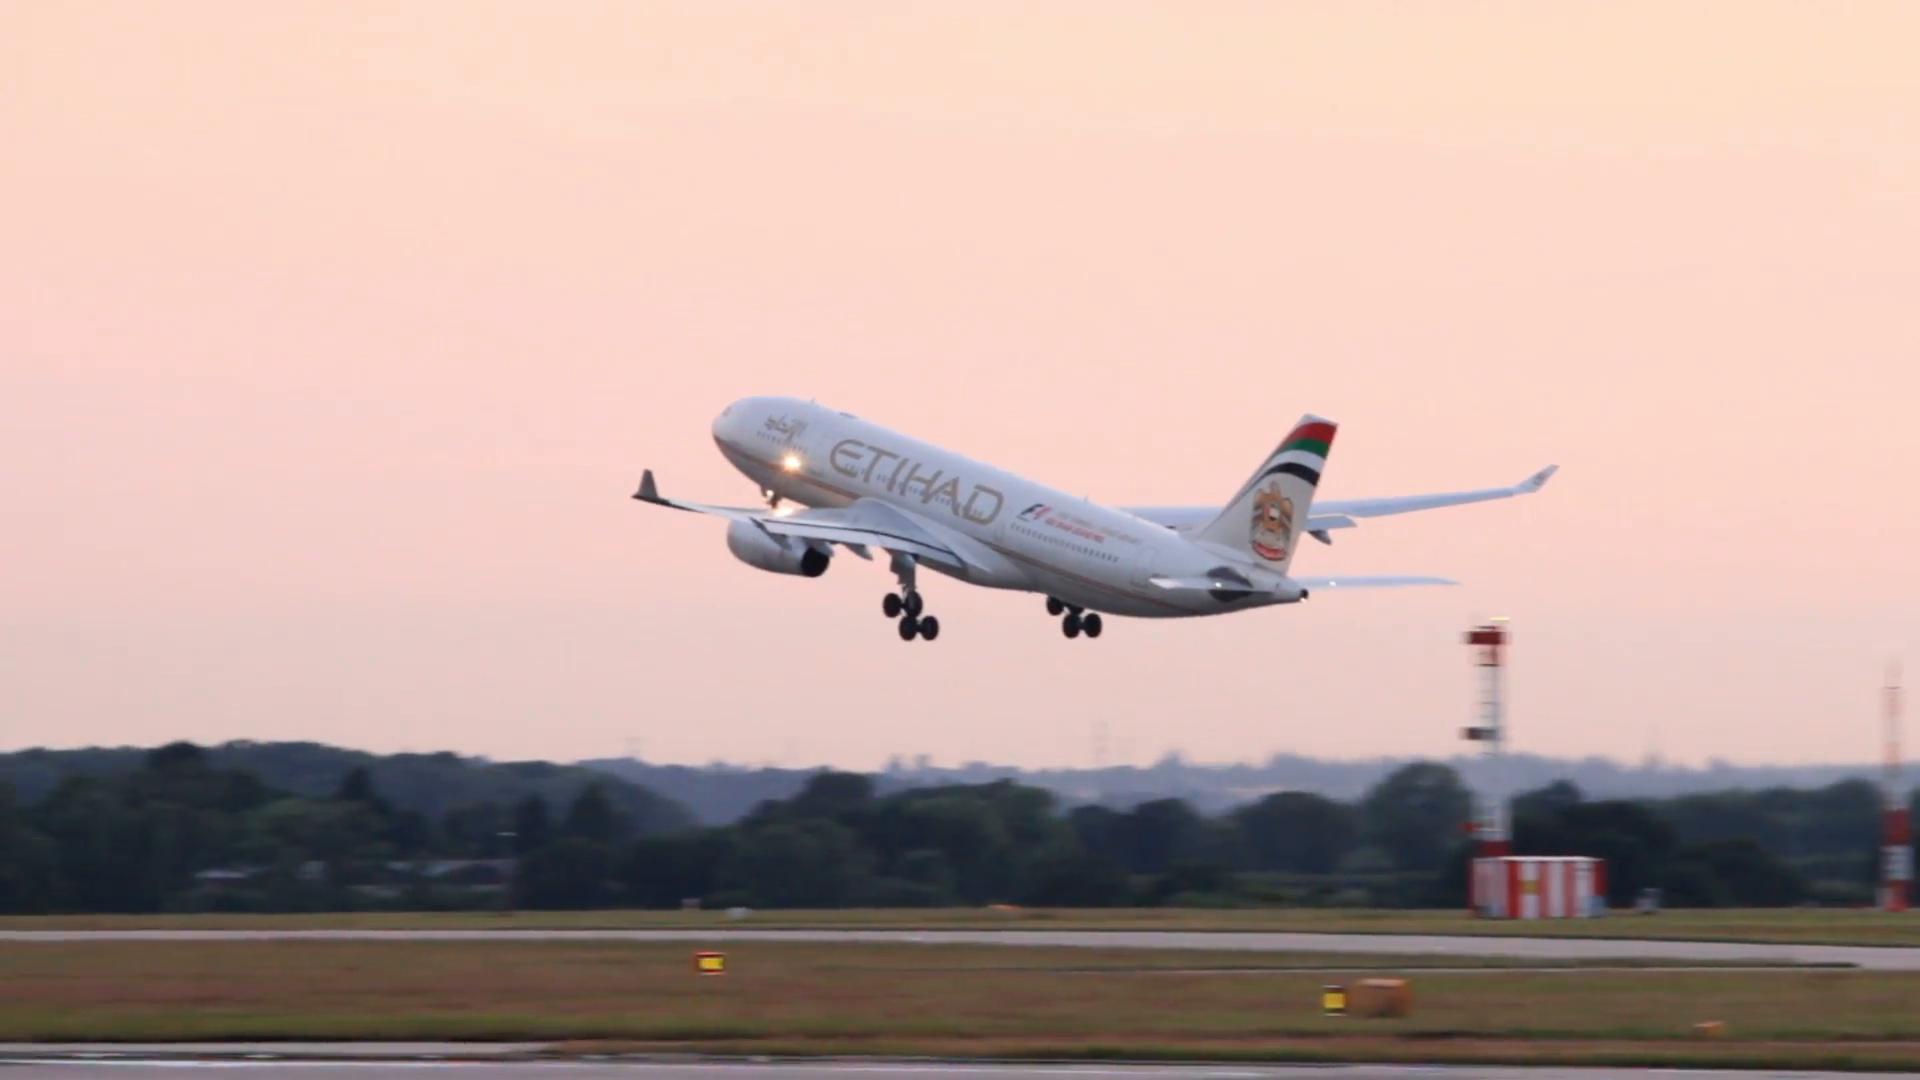 Airplane takingoff photo